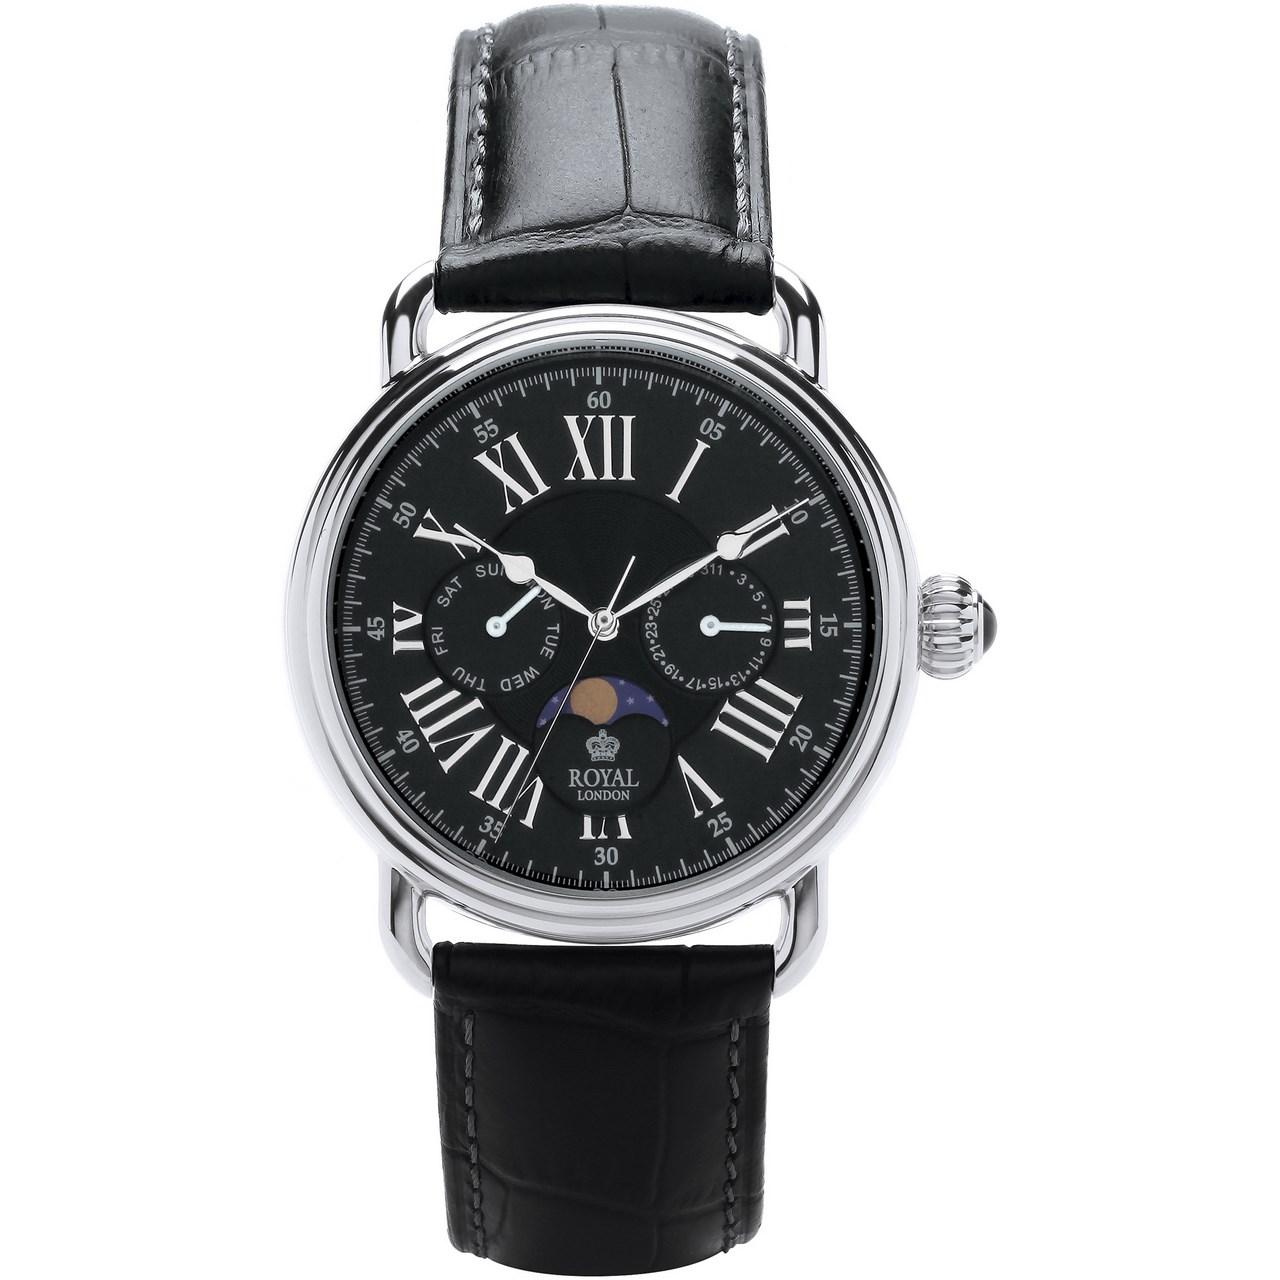 ساعت مچی عقربه ای مردانه رویال لندن مدل RL-41250-01